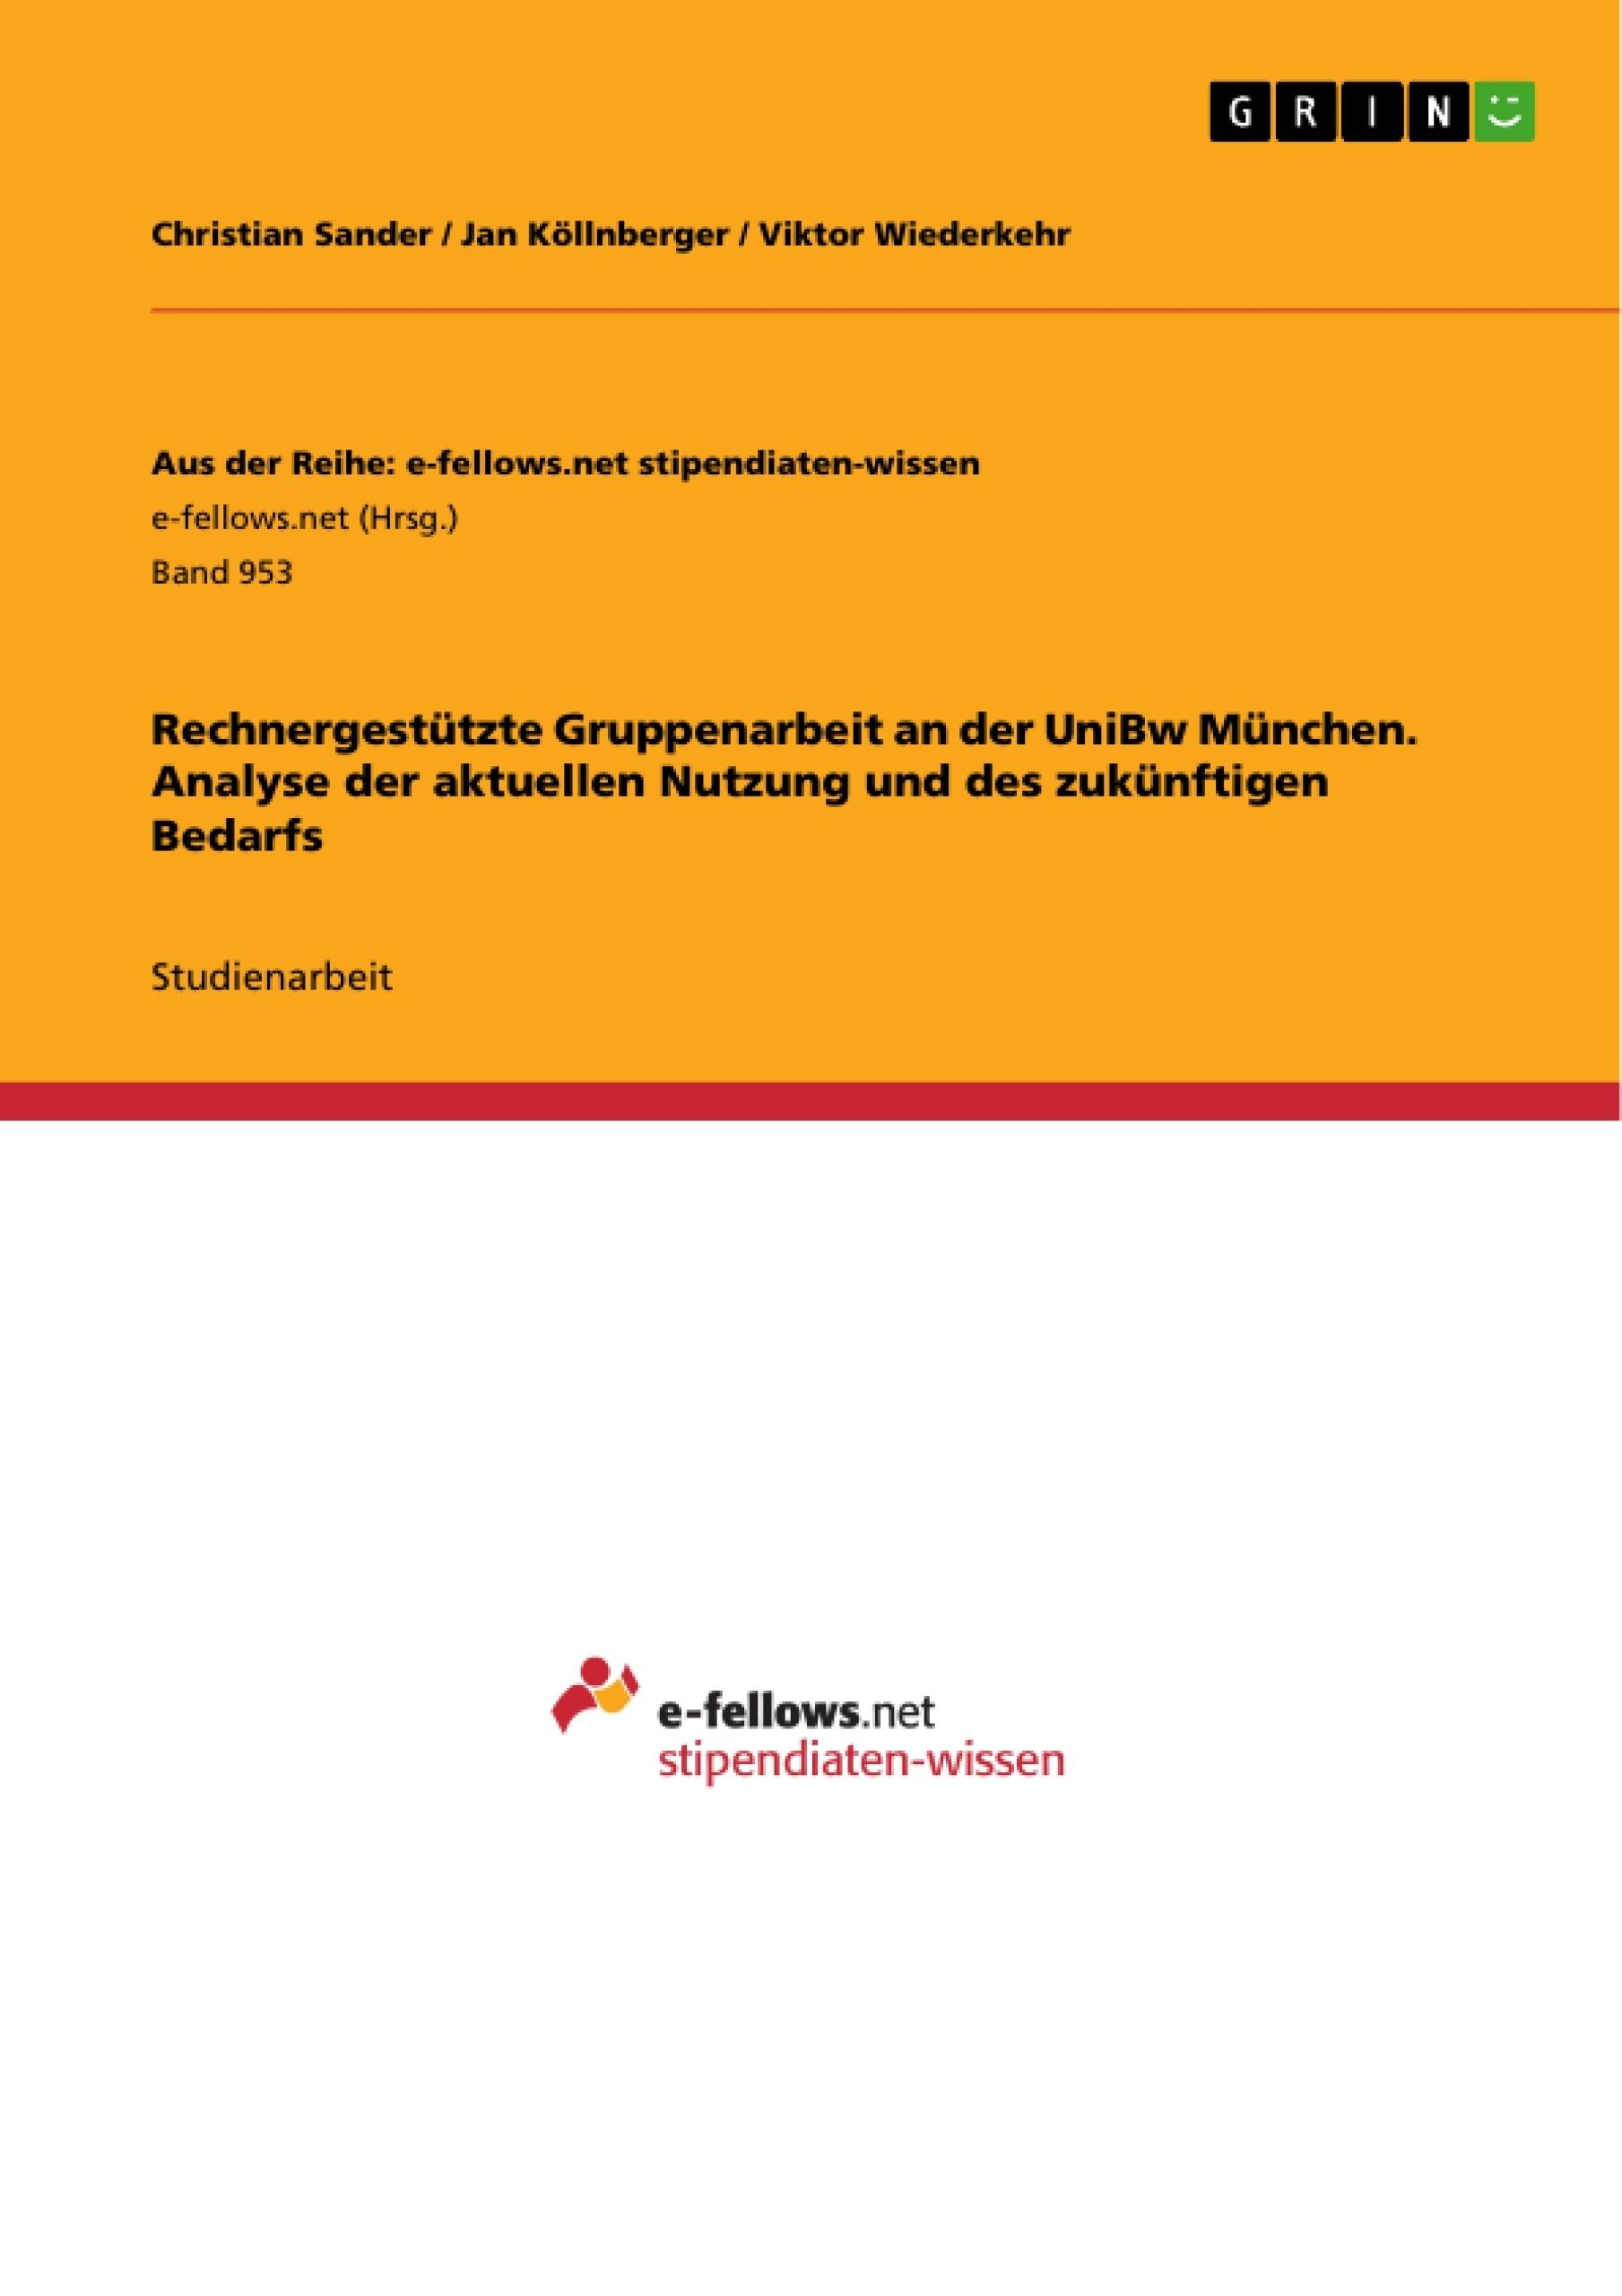 Titel: Rechnergestützte Gruppenarbeit an der UniBw München. Analyse der aktuellen Nutzung und des zukünftigen Bedarfs